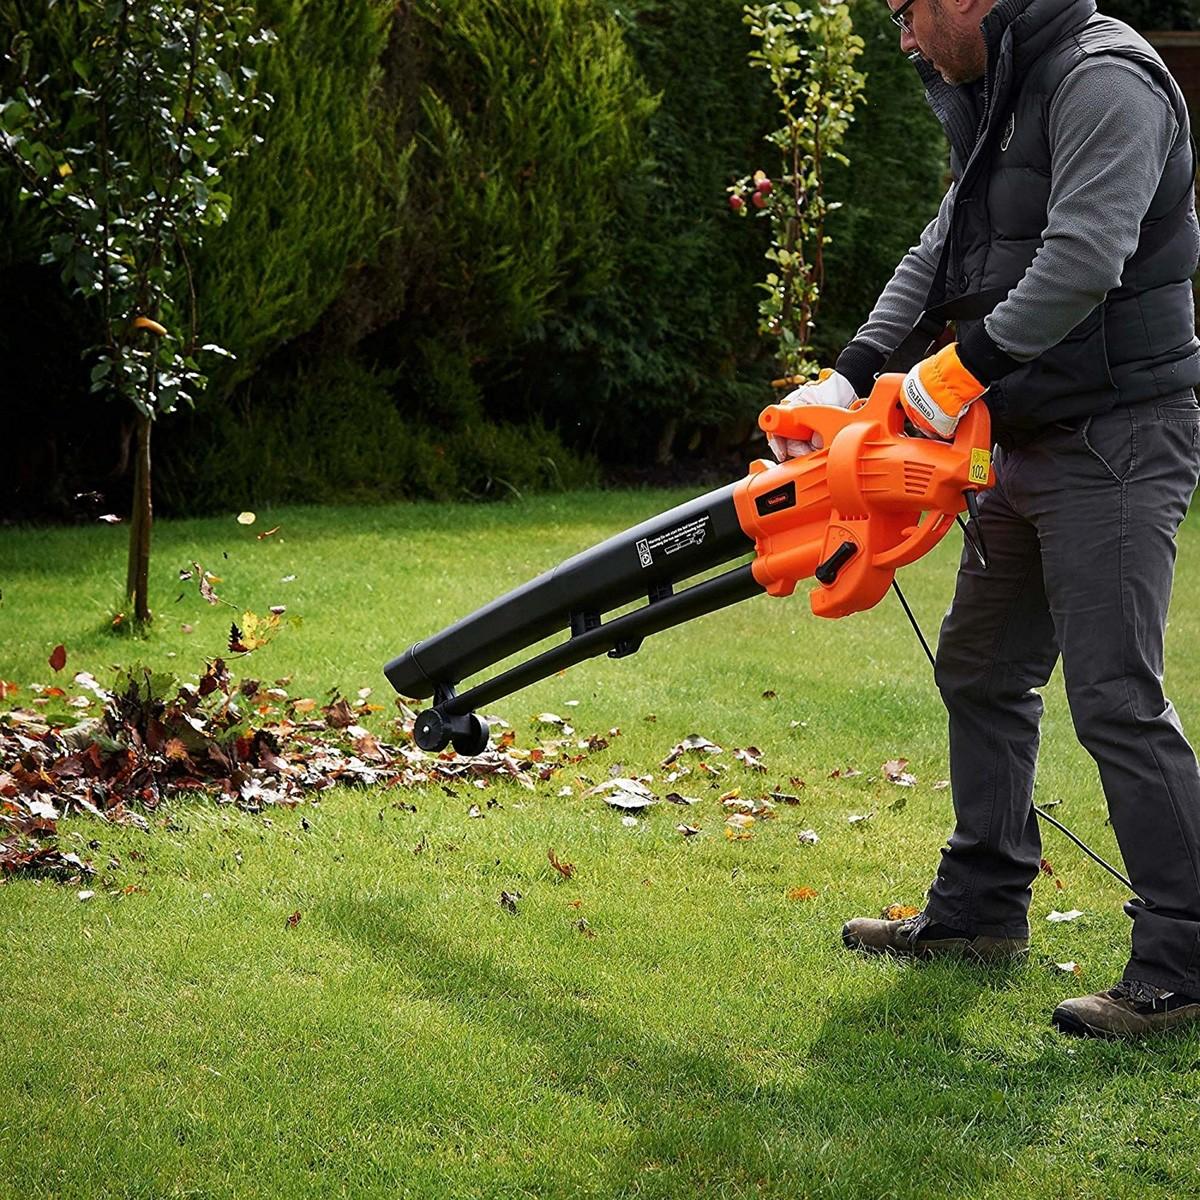 Garden Vacuum Buying Guide